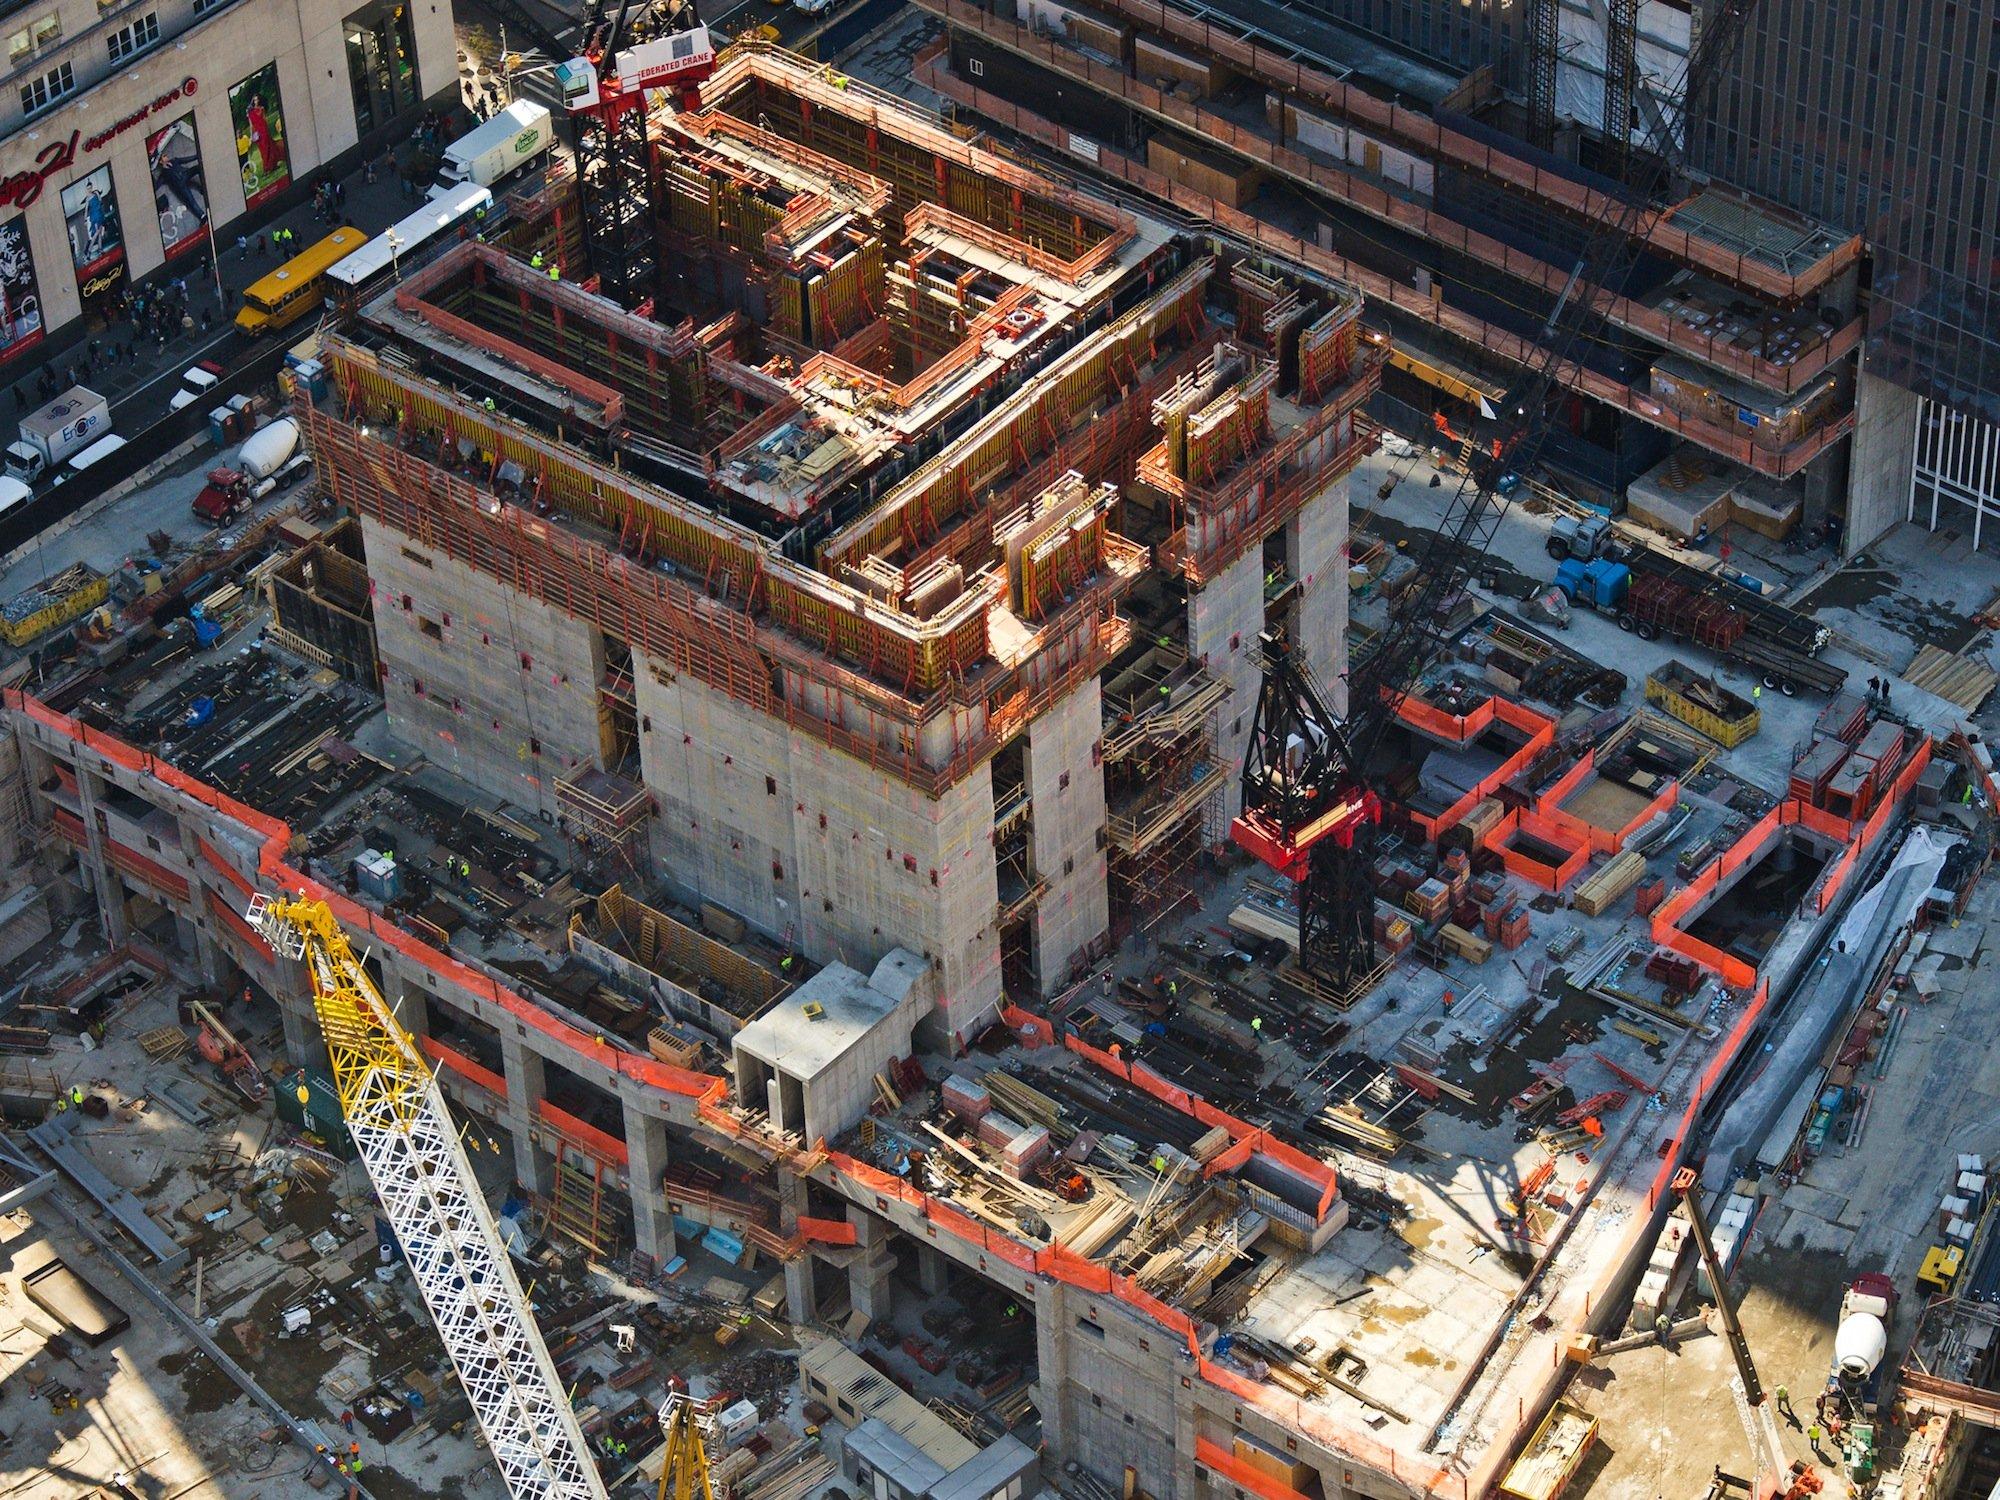 Tragende Betonkonstruktion des One World Trade Centers in New York im April 2012: Der Beton ist so konstruiert, dass er bei bei einer Explosion flexibel bleibt und nicht in gefährliche Stücke gerissen wird..